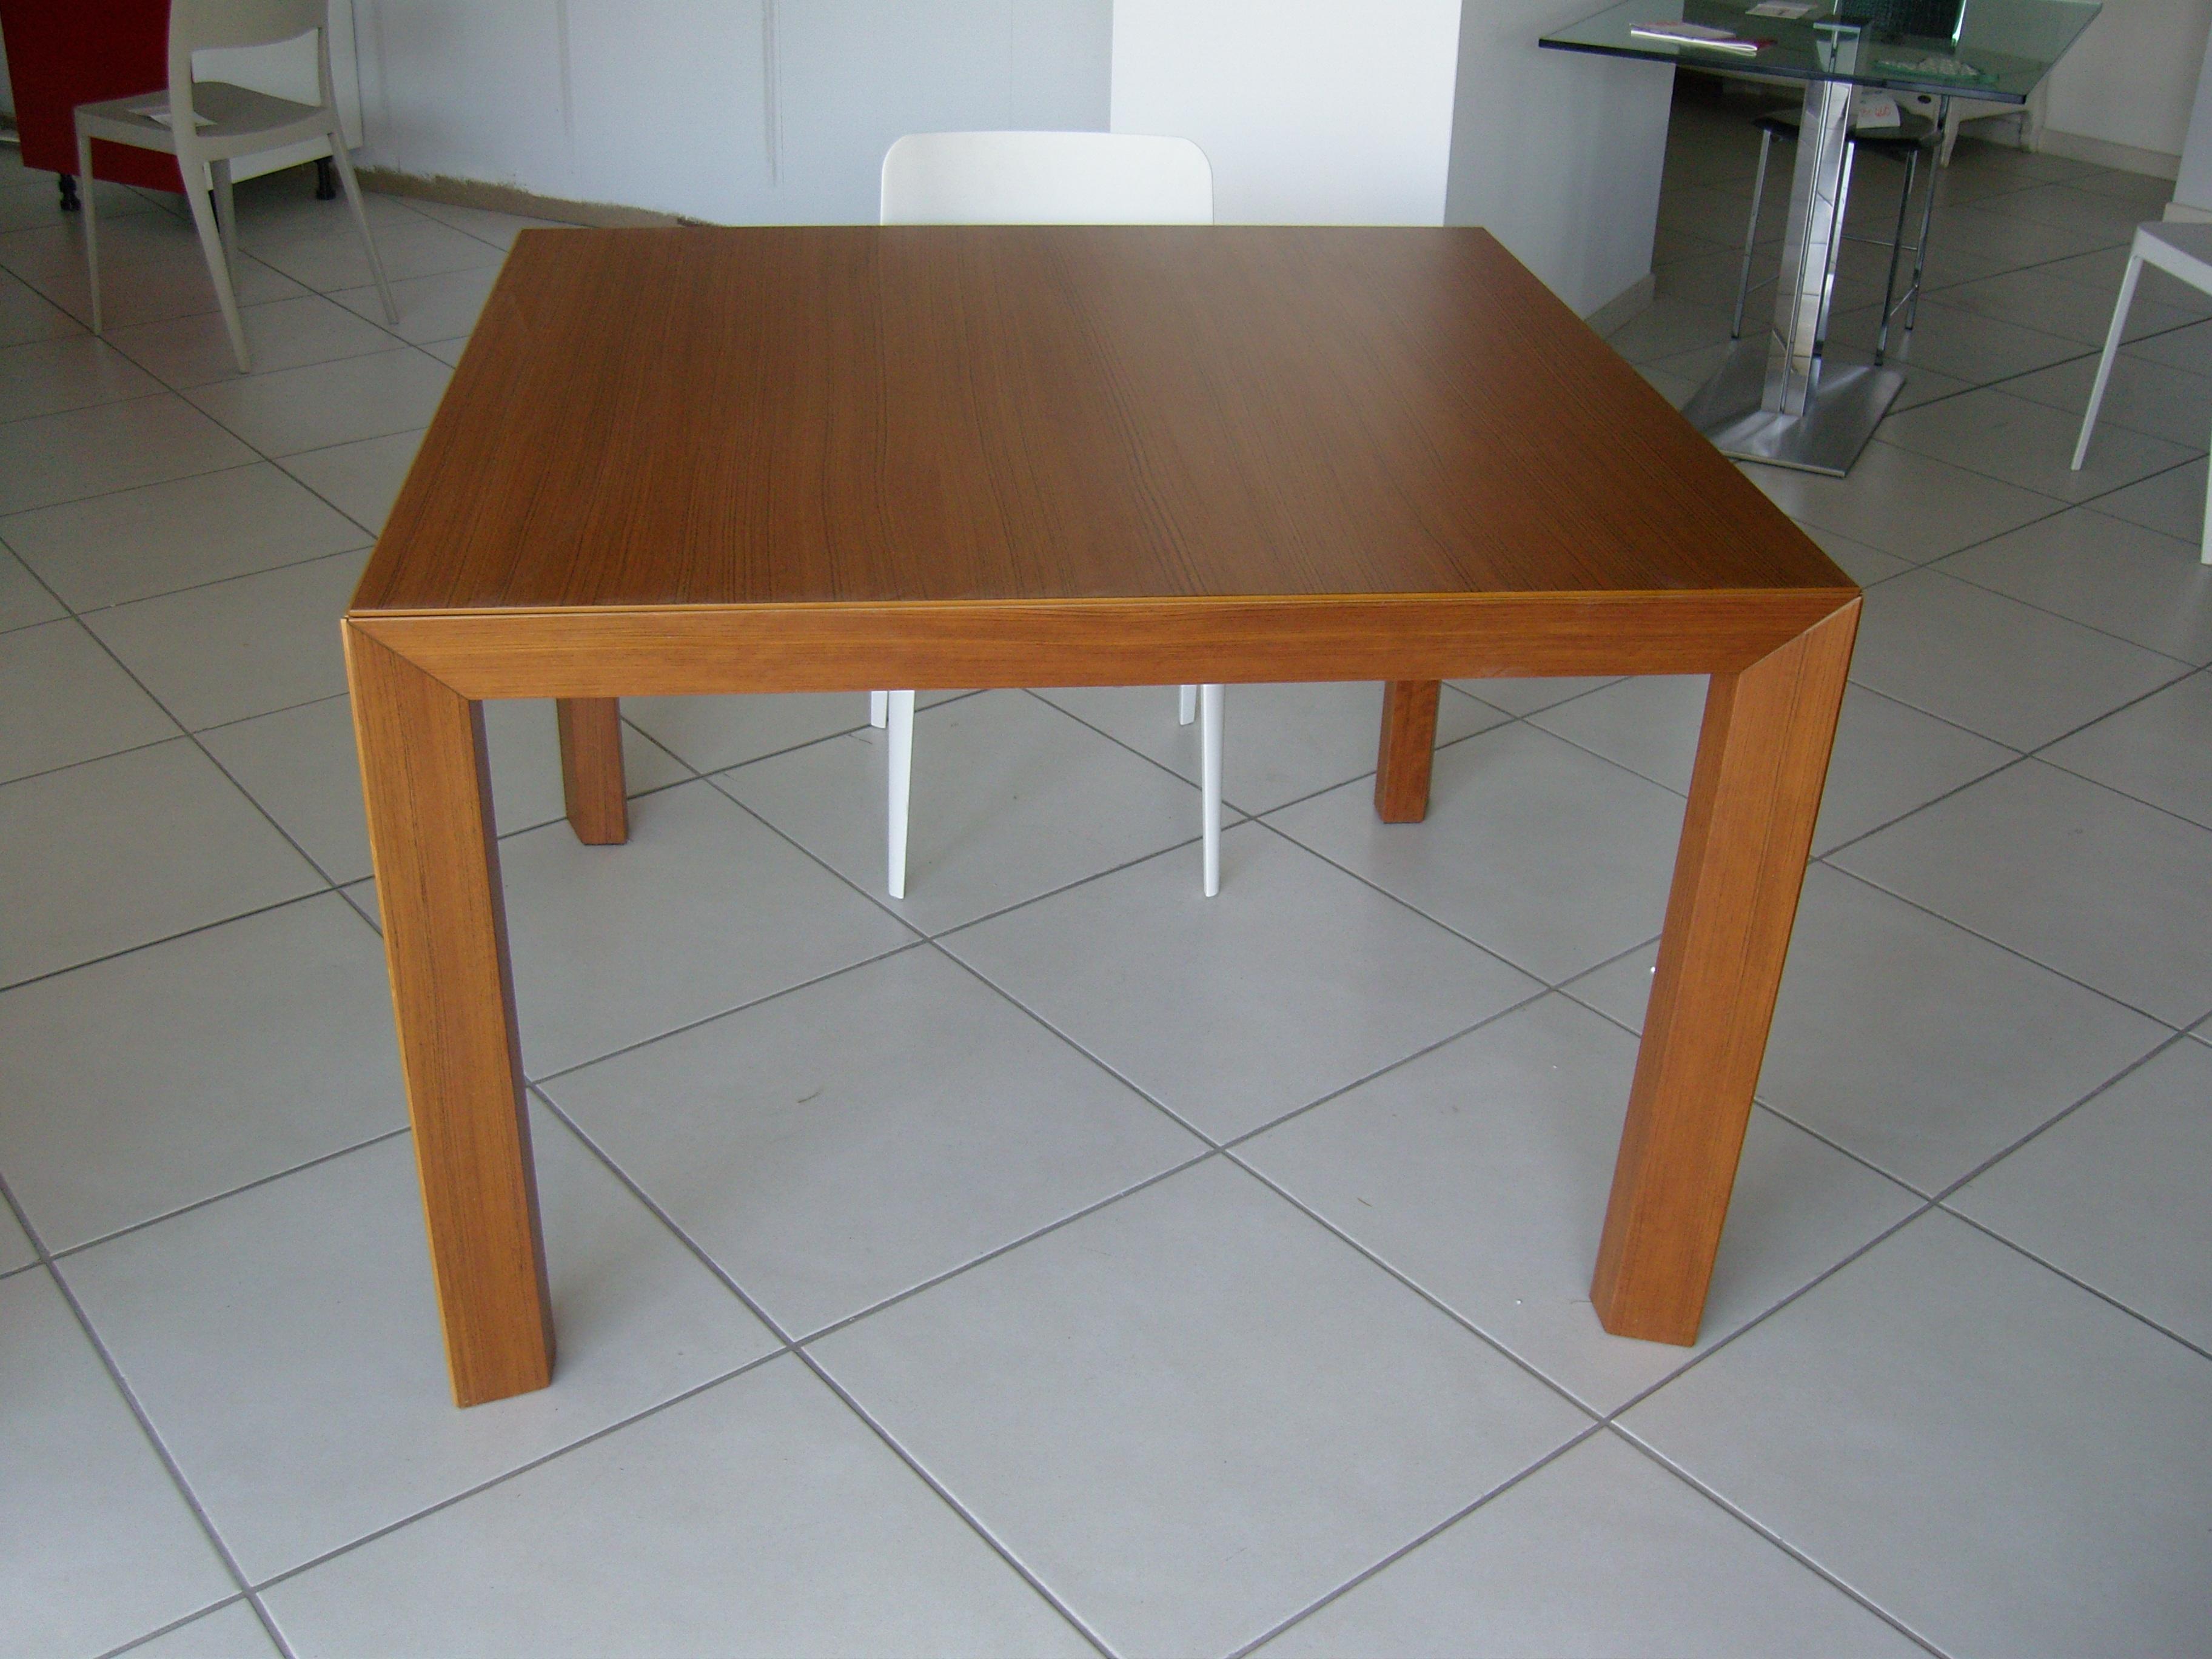 Offerta tavolo pianca 14617 tavoli a prezzi scontati - Tavolo quadrato allungabile calligaris ...